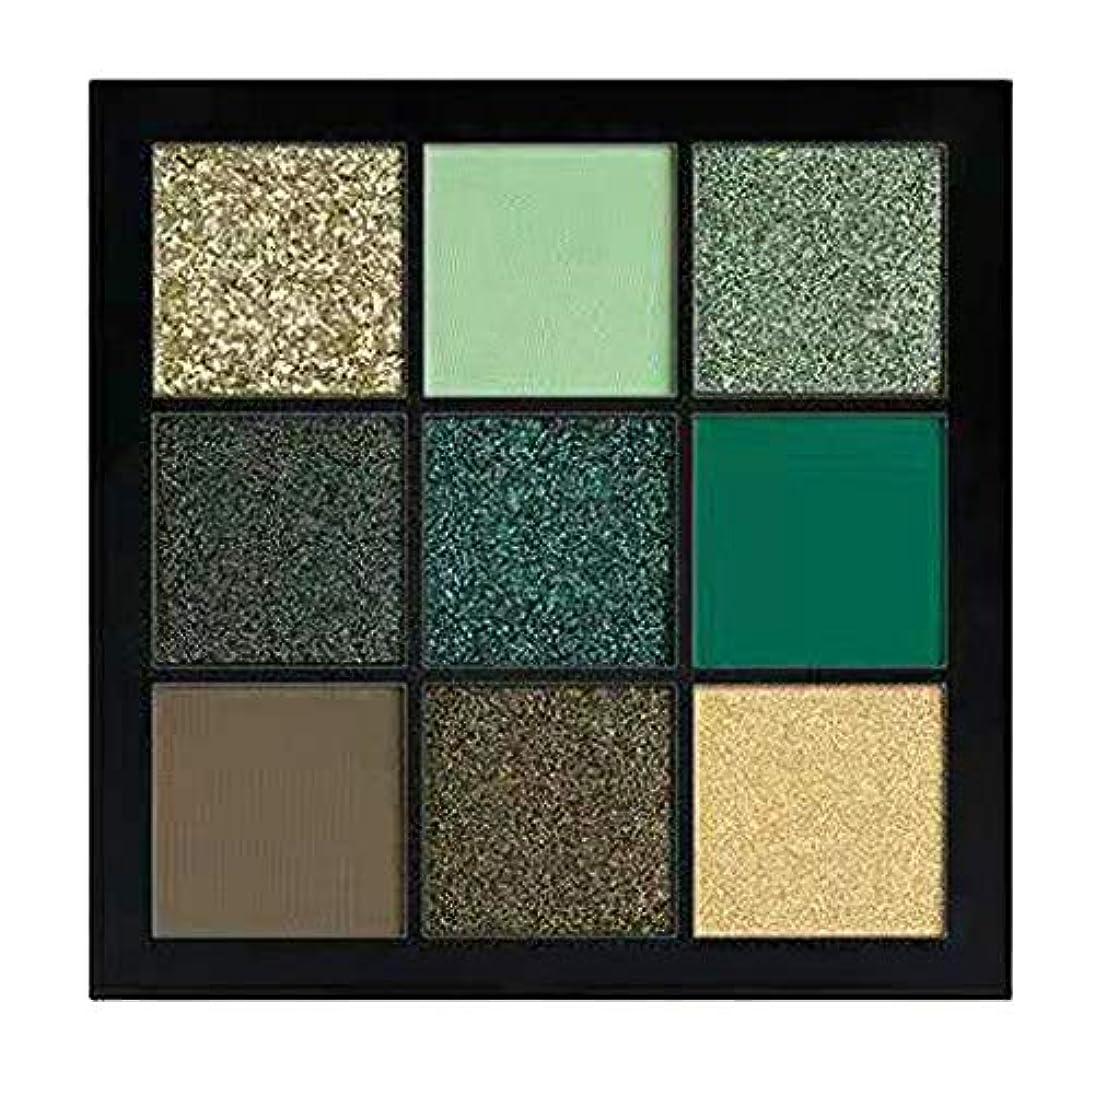 GOOD lask 9色ダイヤモンドブライトアイシャドートレイ、化粧品マットアイシャドウクリームメイクアップパレットシマーセット 化粧マットアイシャドー化粧パレットフラッシュセット持ち運びが簡単 (E)